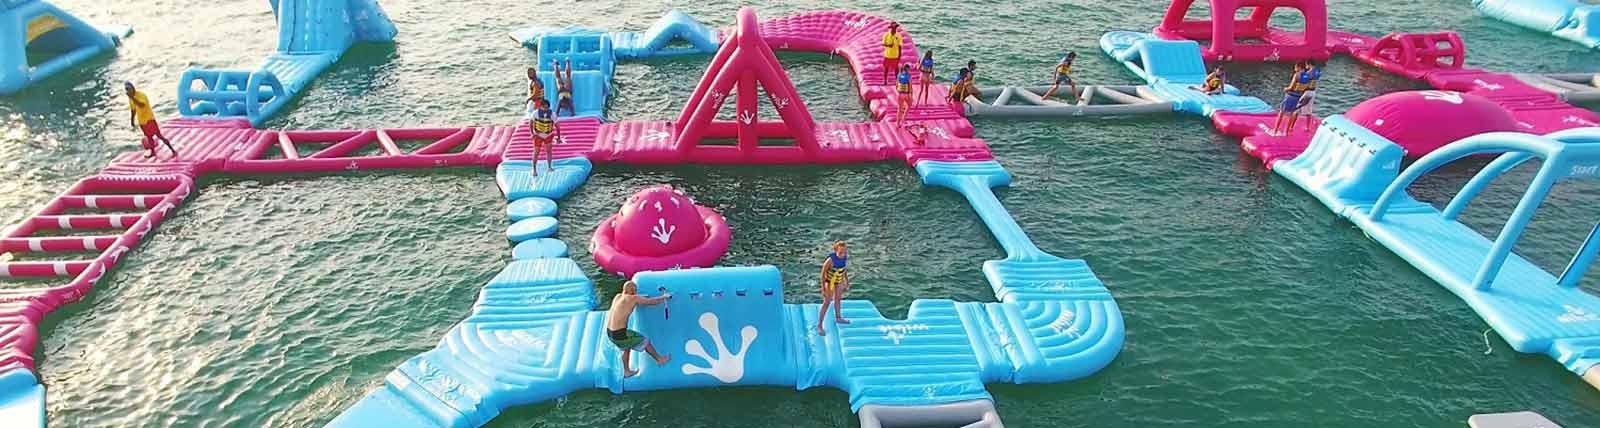 fun-under-the-sun-aqua-fun